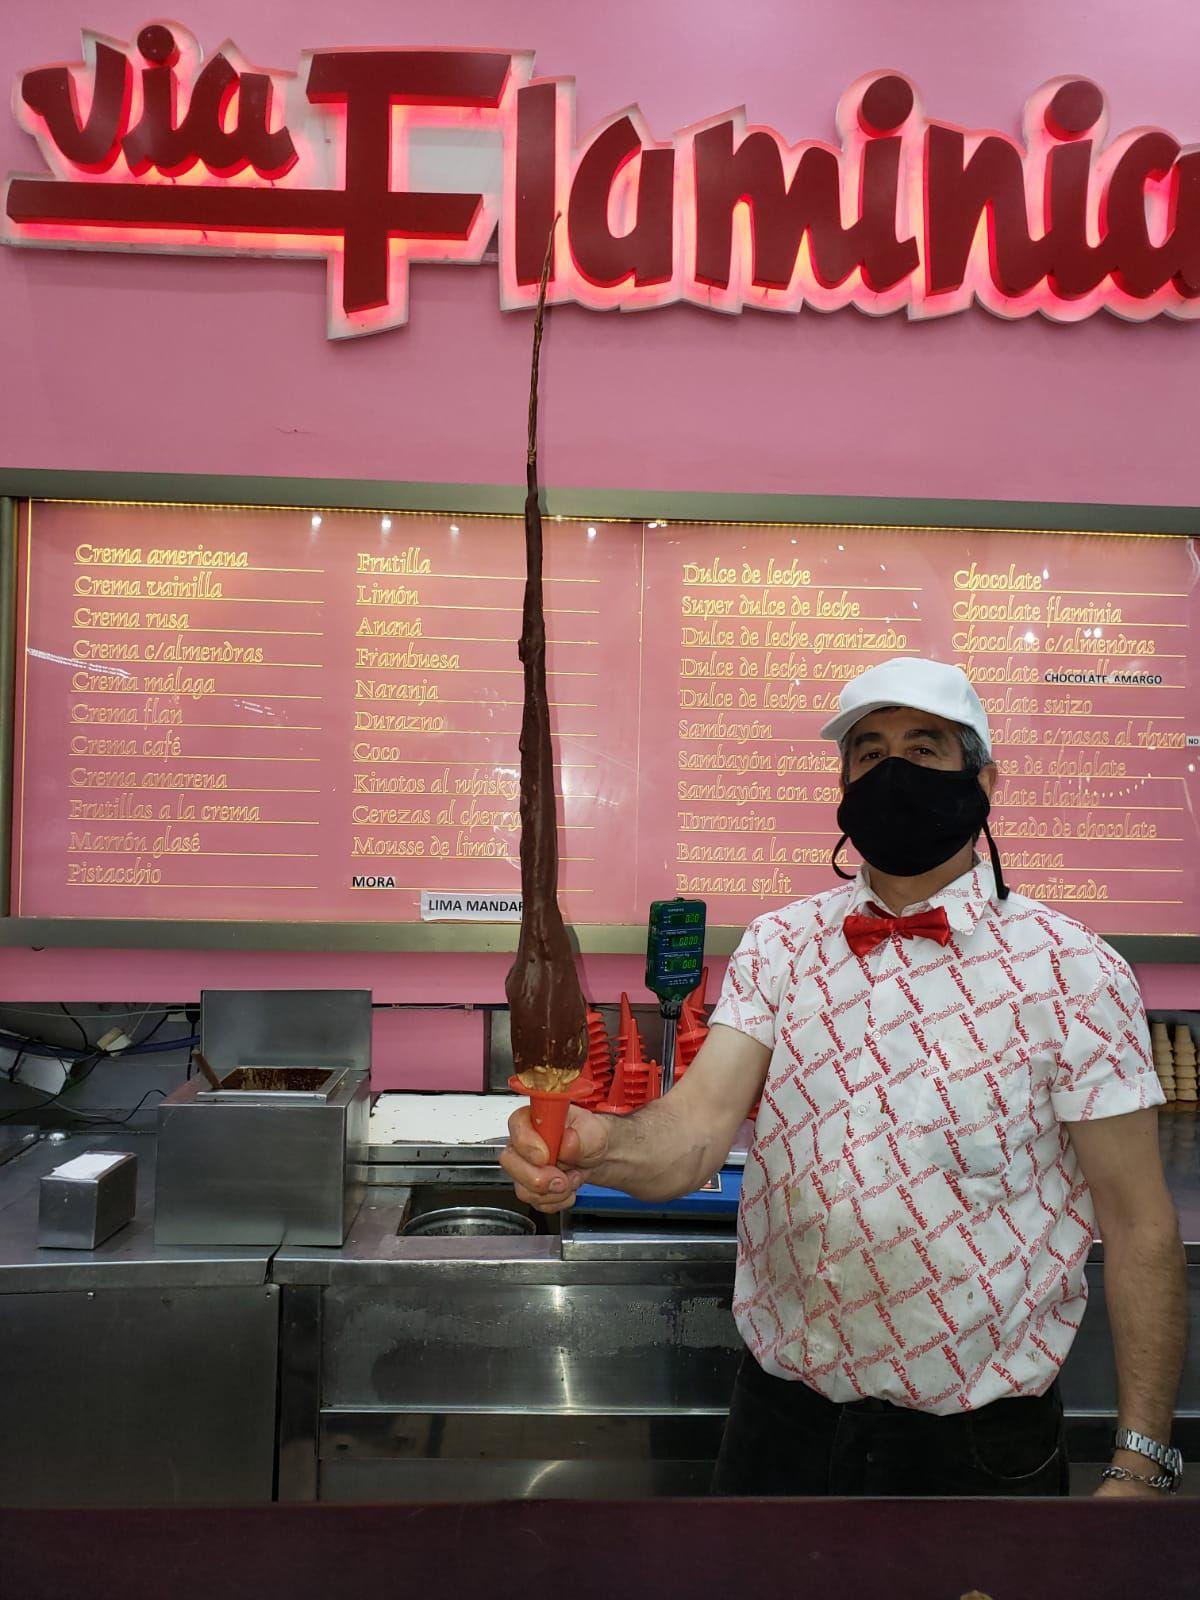 Via Flaminia fue fundada en 1965 por Antonio Capraro, un inmigrante italiano que inventó el helado gigante